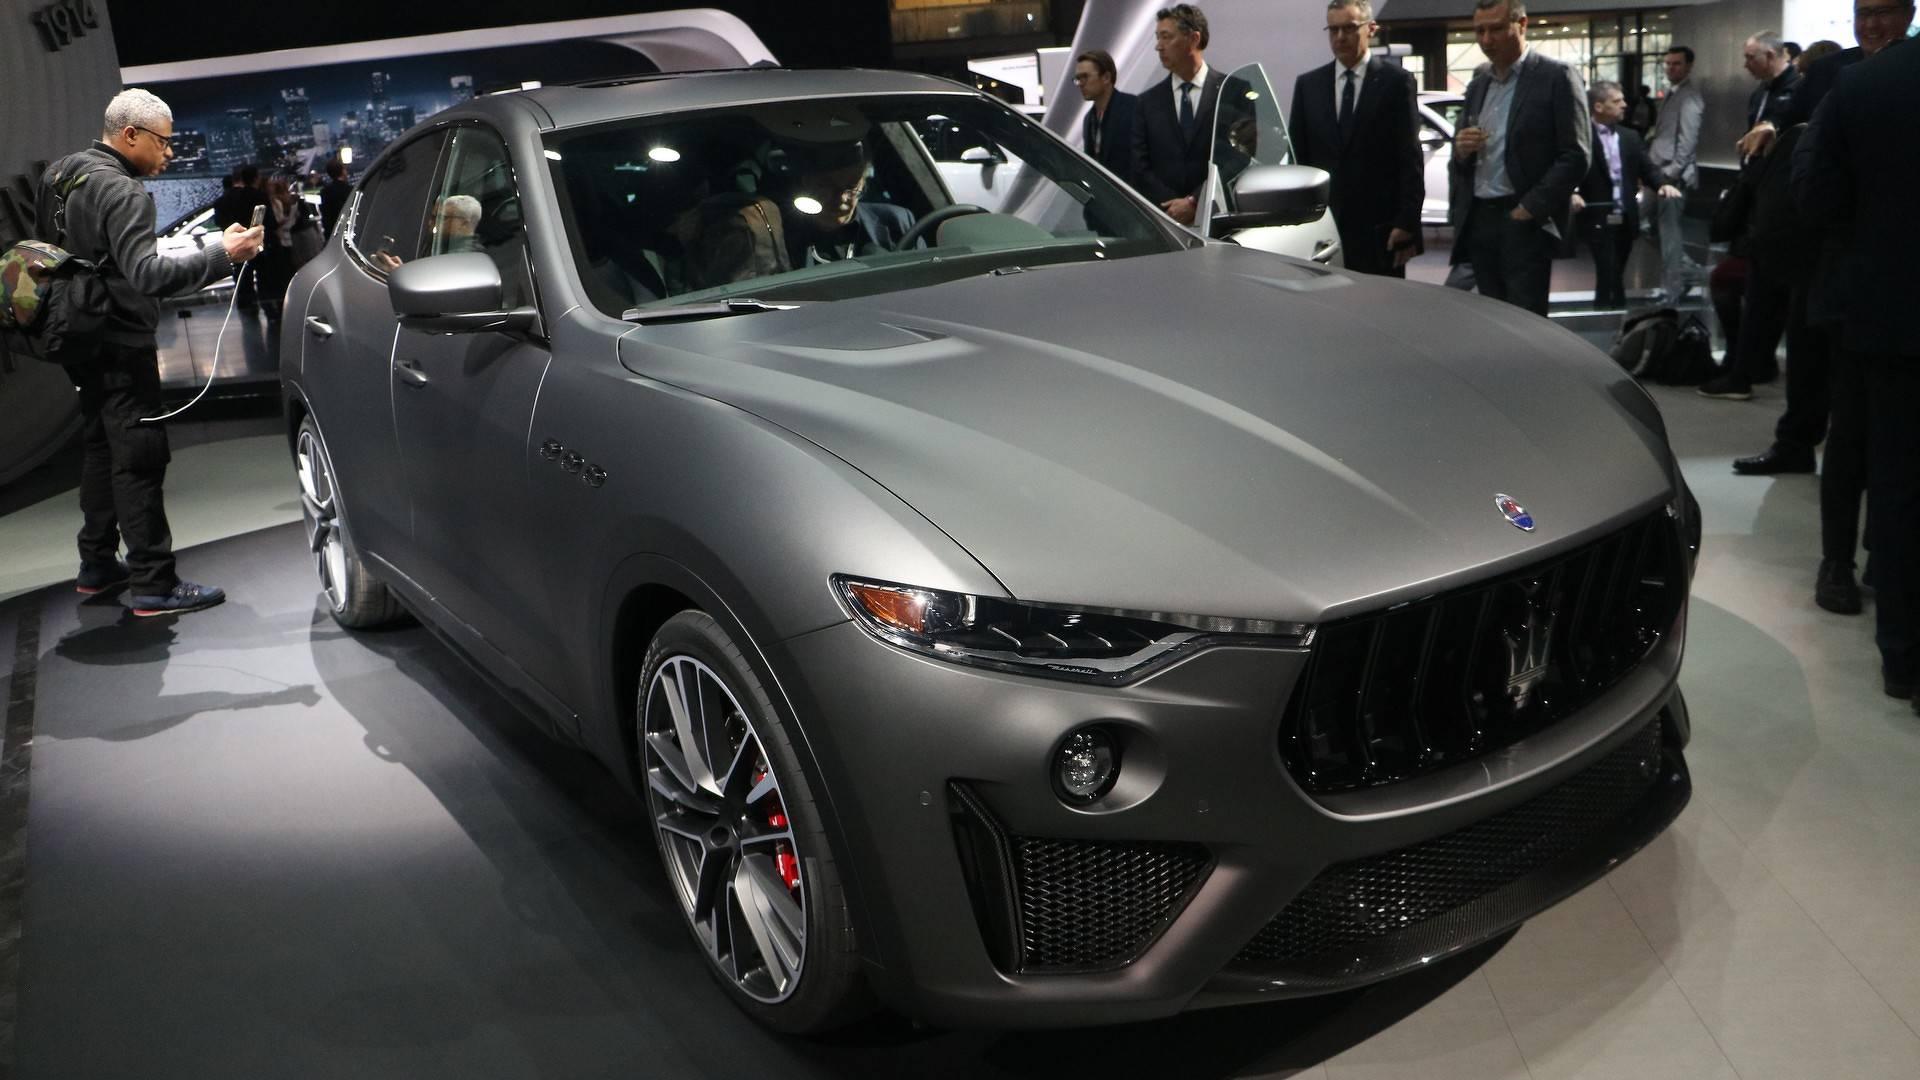 احدث اخبار السيارات 2018_مازيراتي ليفانتي